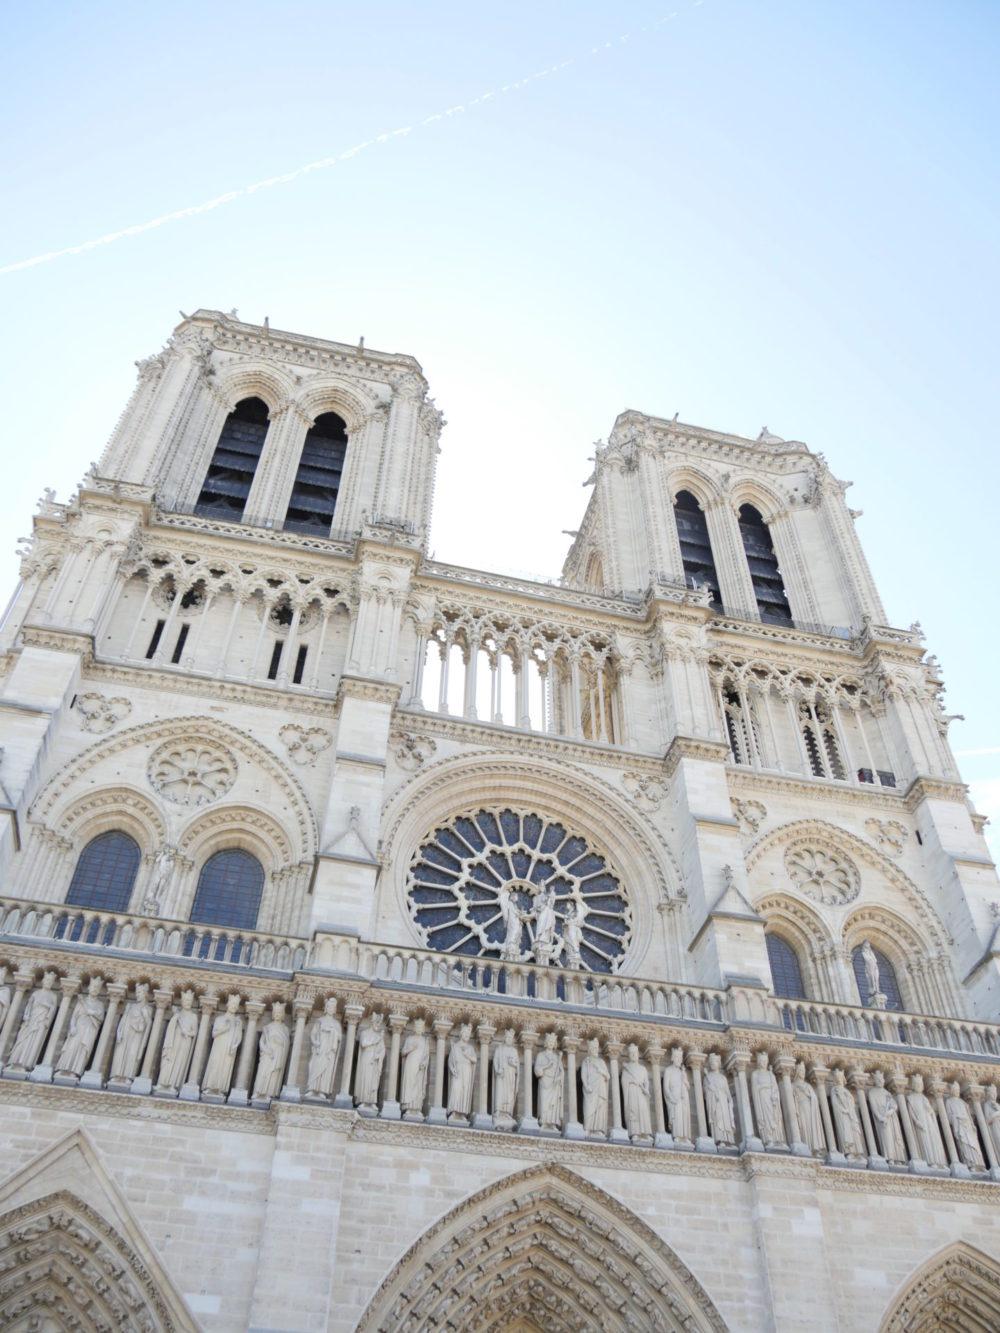 Visit of Notre-Dame